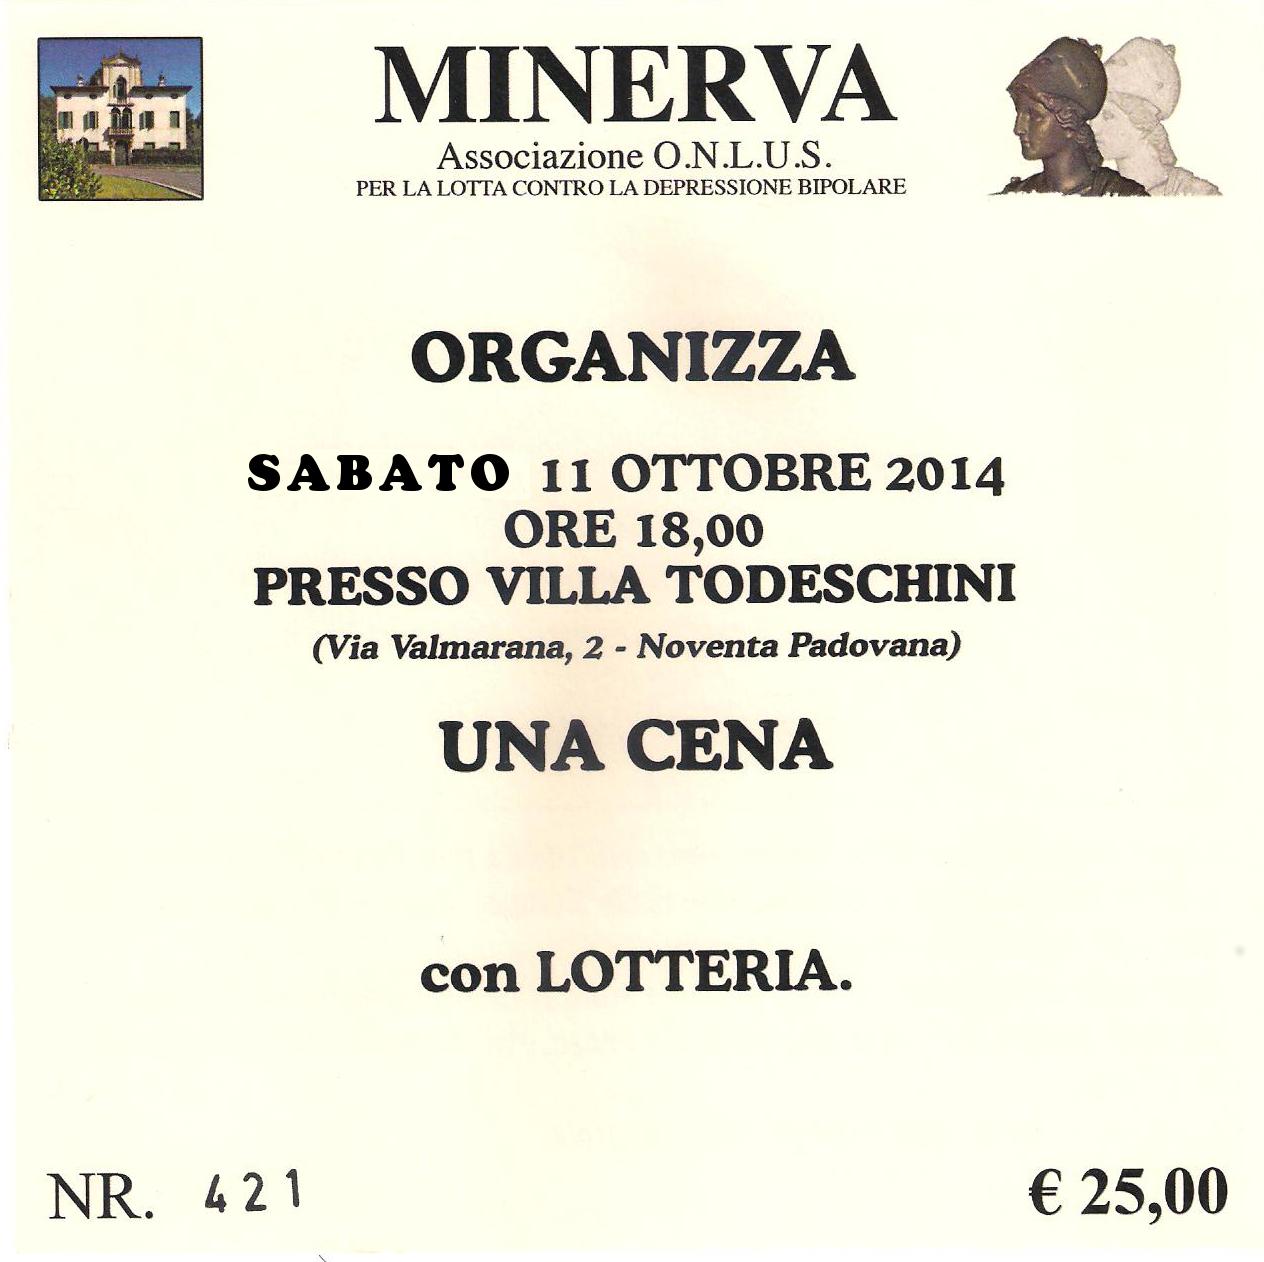 locandina_111020142 Cena lotteria dell'11 ottobre 2014